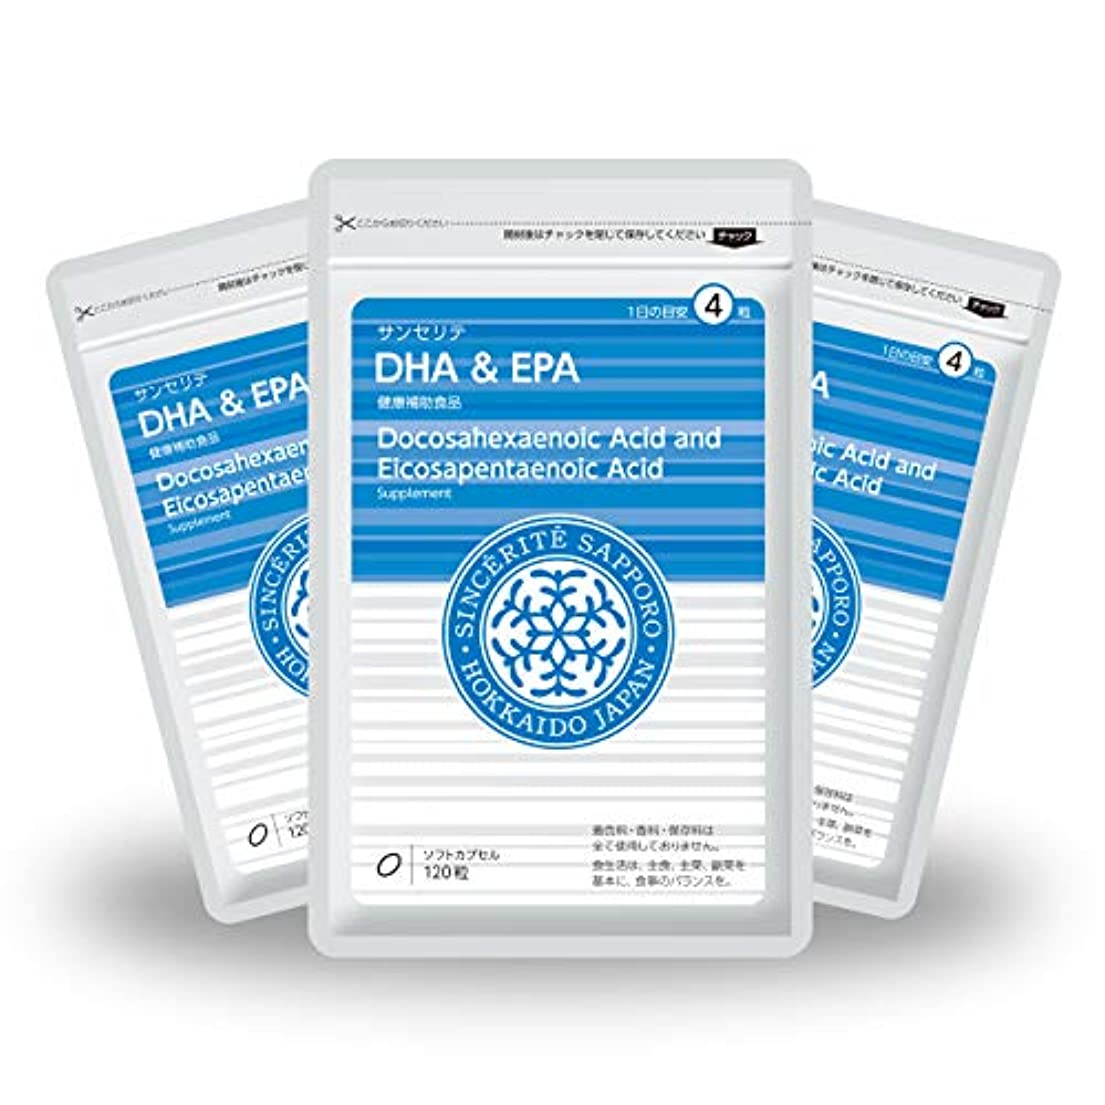 のヒープガラガラ時間DHA&EPA 3袋セット[送料無料][DHA]433mg配合[国内製造]お得な90日分